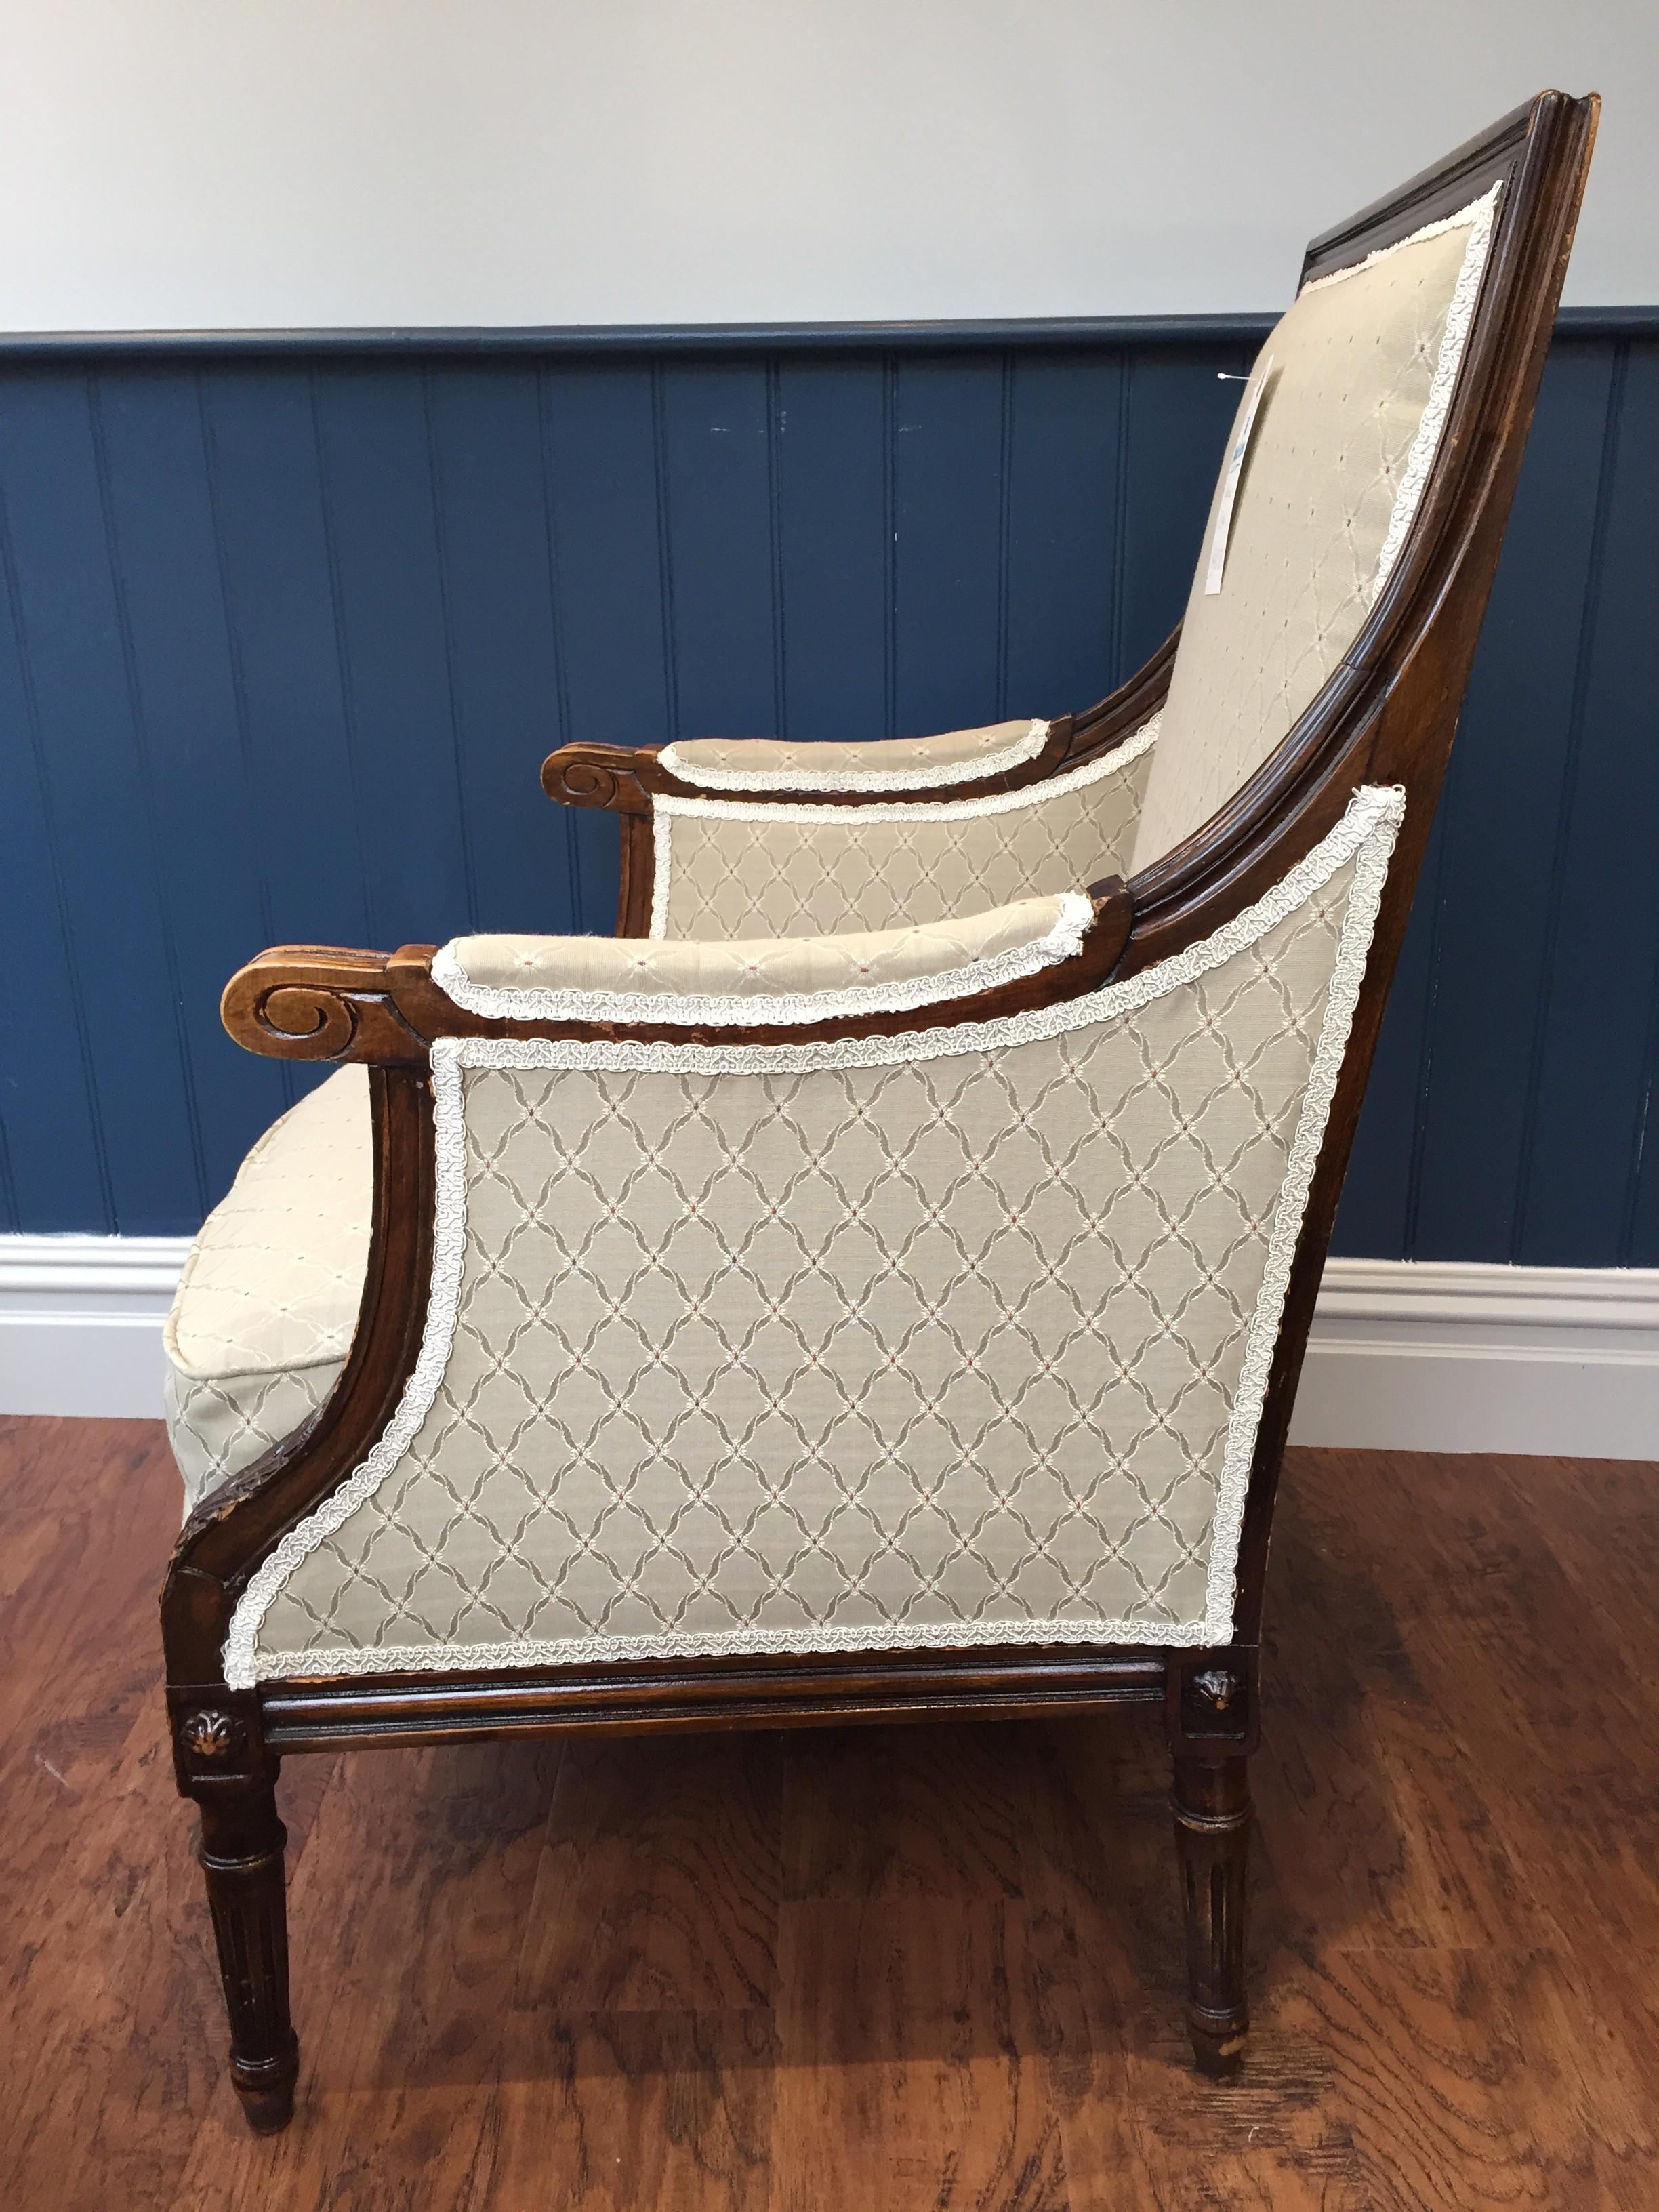 Antique armchair side profile